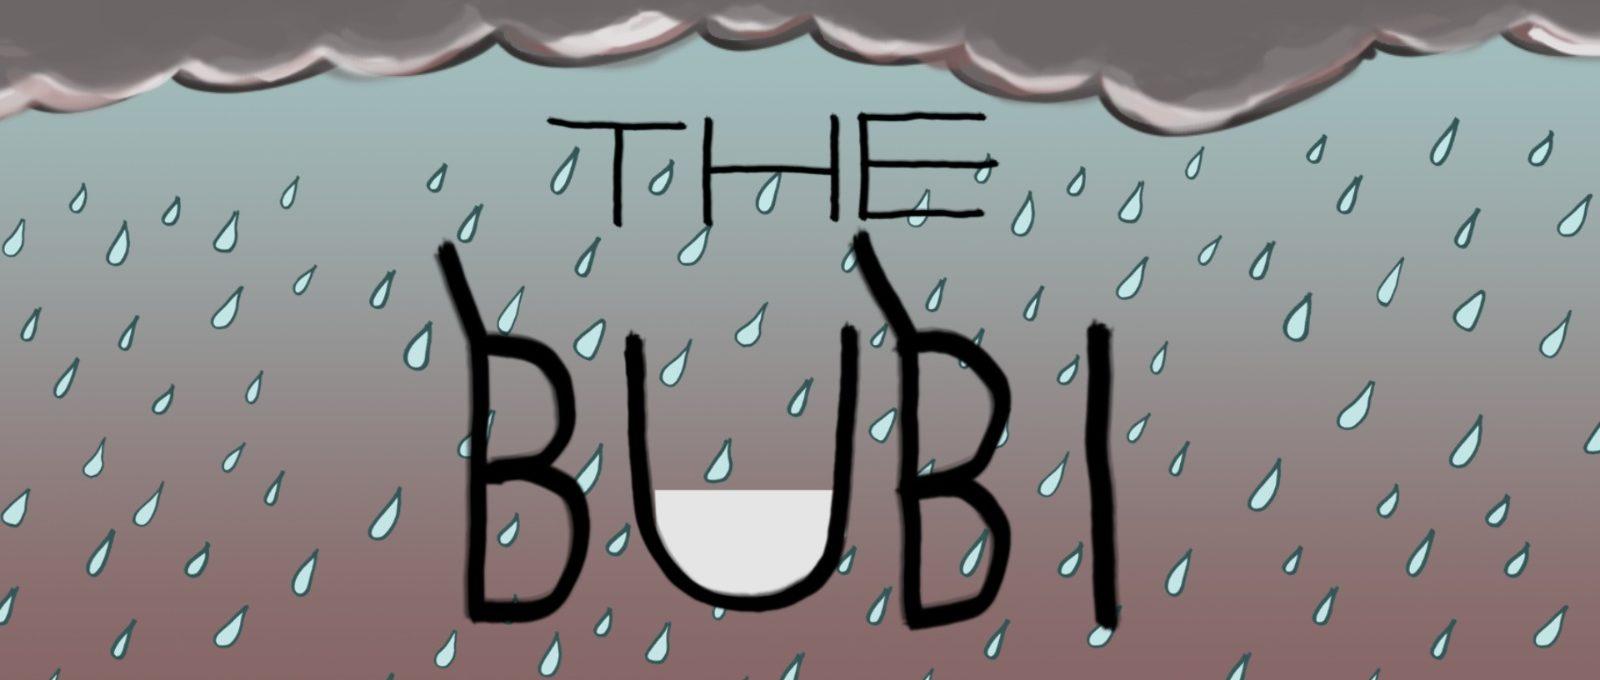 The BUBI